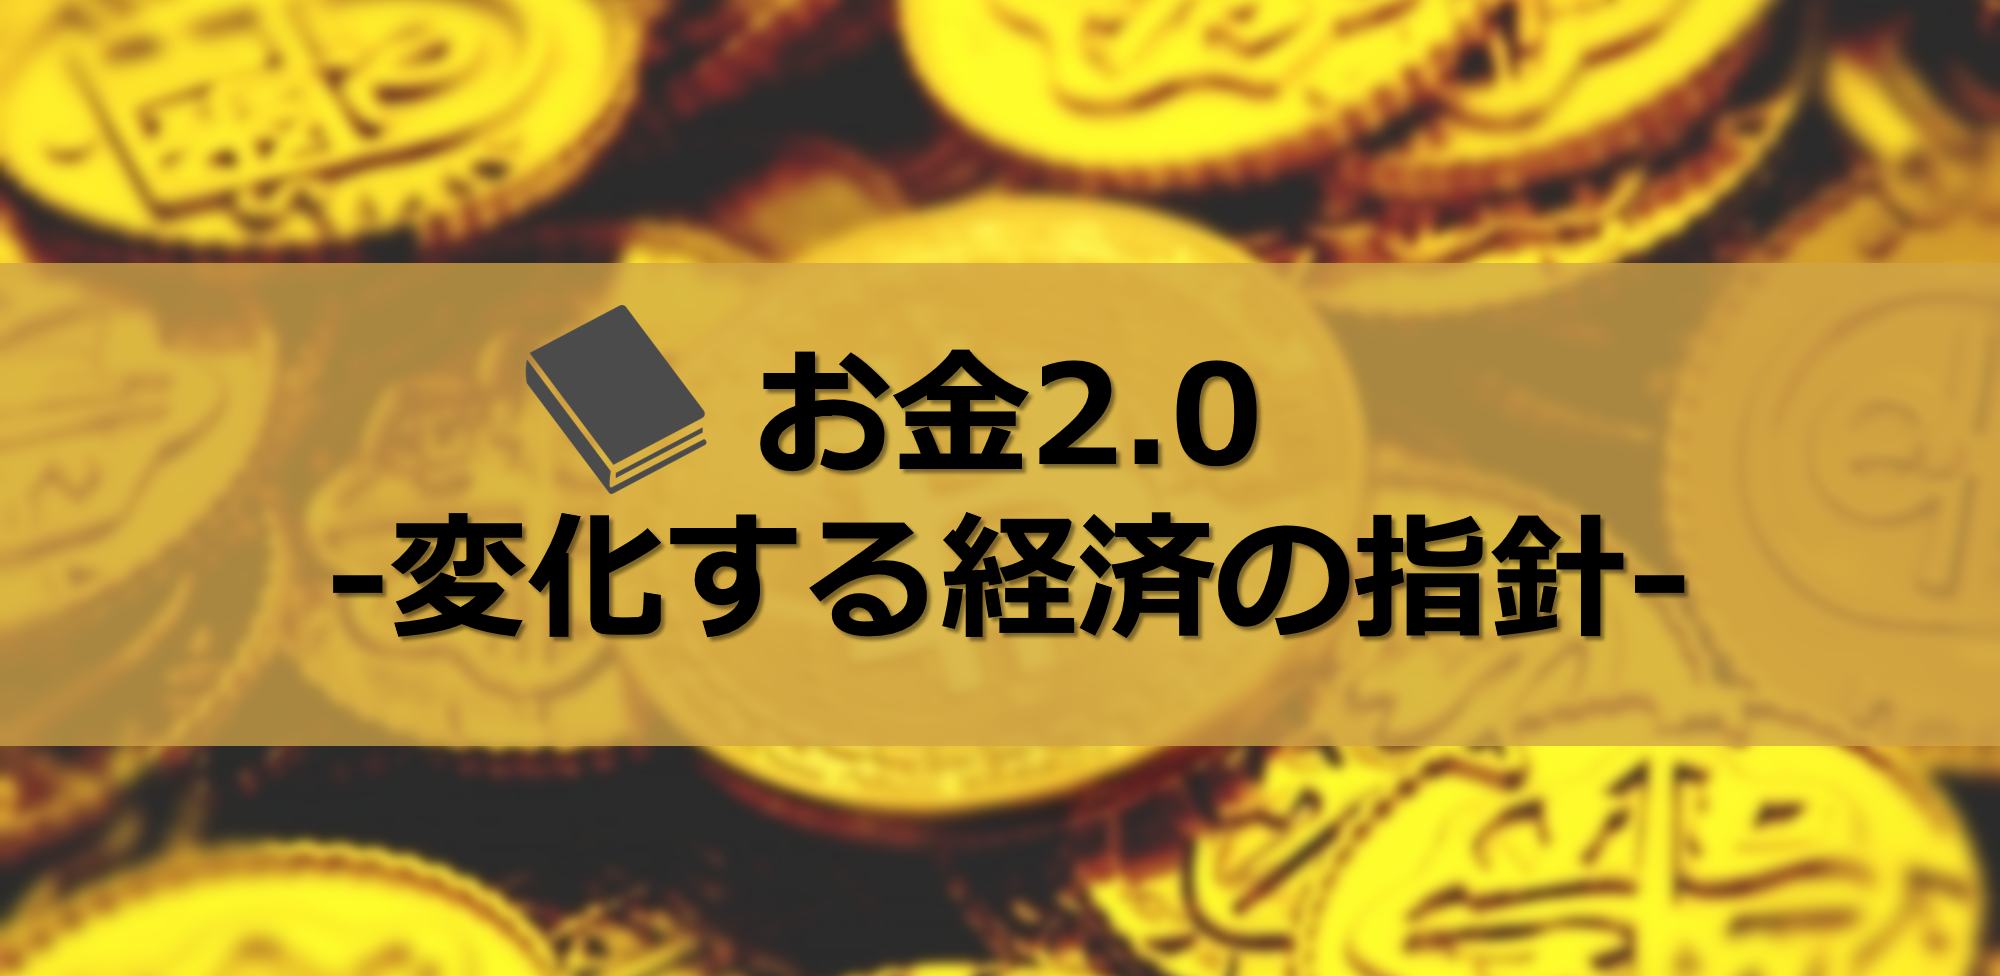 「お金2.0」感想・まとめ